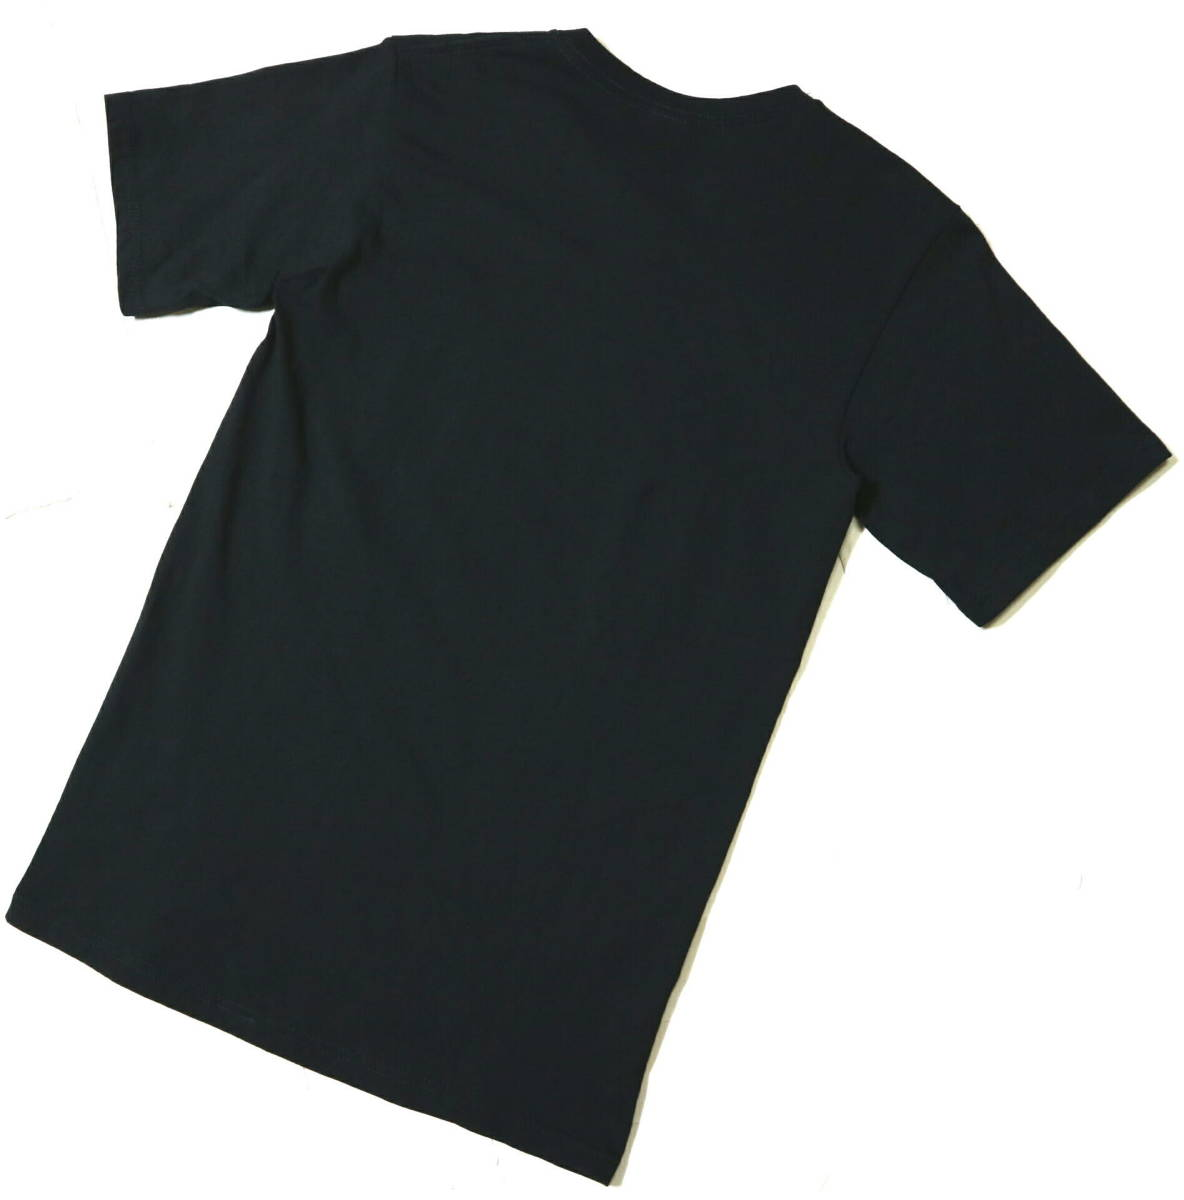 概ね美品!◆K's PIT AMERICAN DINER 綿100地 半袖Tシャツ◆やや細身Sサイズ_画像2